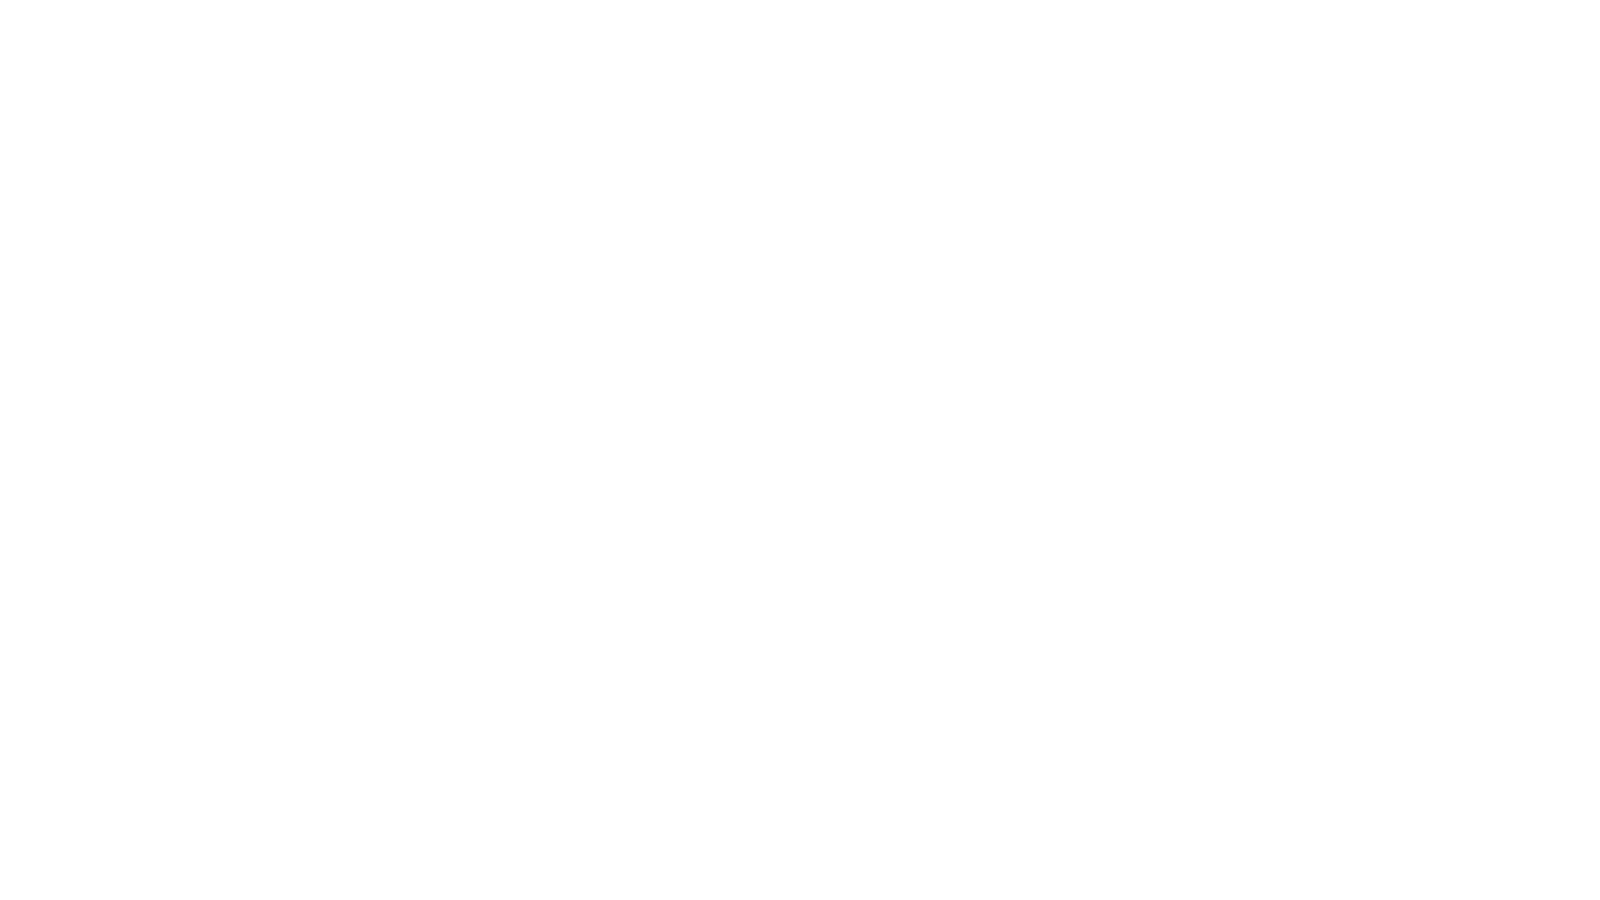 """Te presentamos a los jóvenes comunicadores de SIGNIS Venezuela que participan en el Programa de de Formación para una #Radio Comunitaria y Ciudadana """"Prendemos La Chispa de La Palabra"""", organizado por SIGNIS ALC, con el apoyo de ALER Satelital y CIESPAL.  ¡Escúchalos pronto en RadioLío!"""